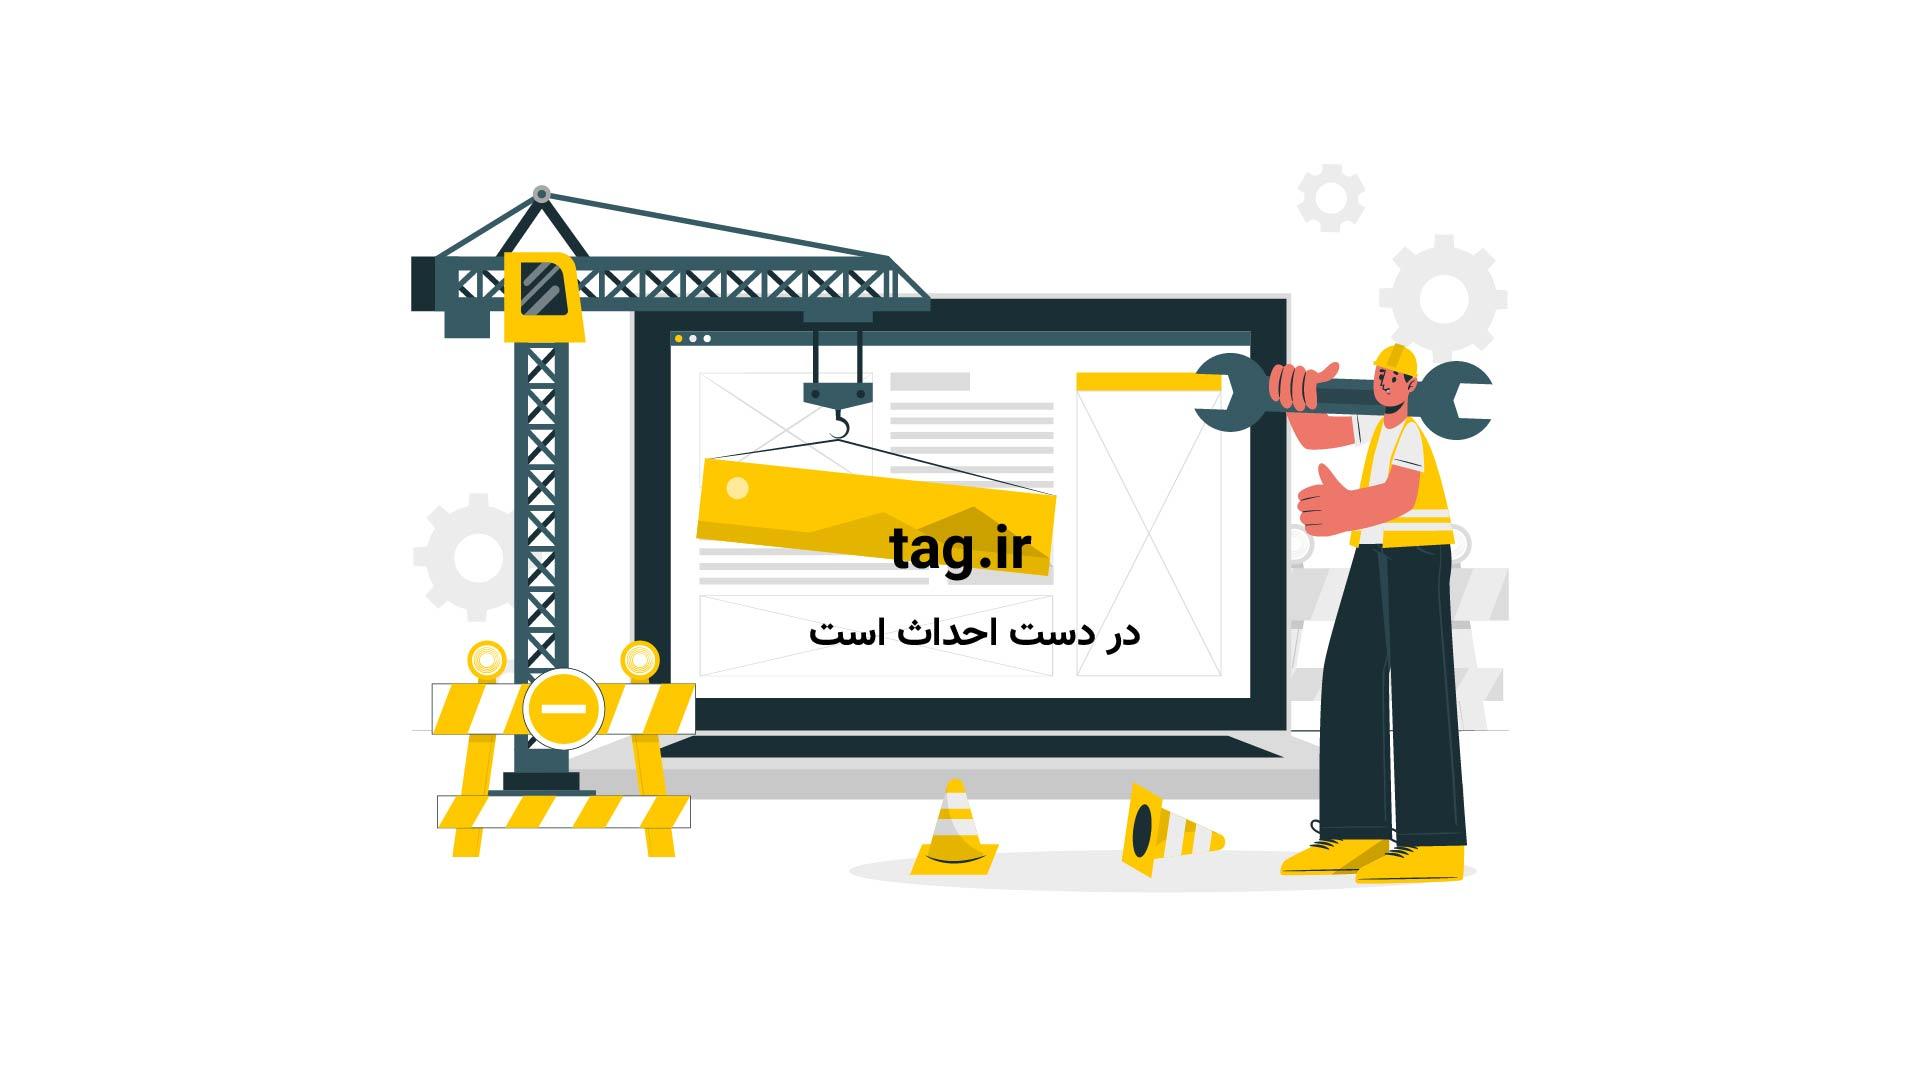 چرا باید شب ها به سمت چپ بخوابیم   فیلم